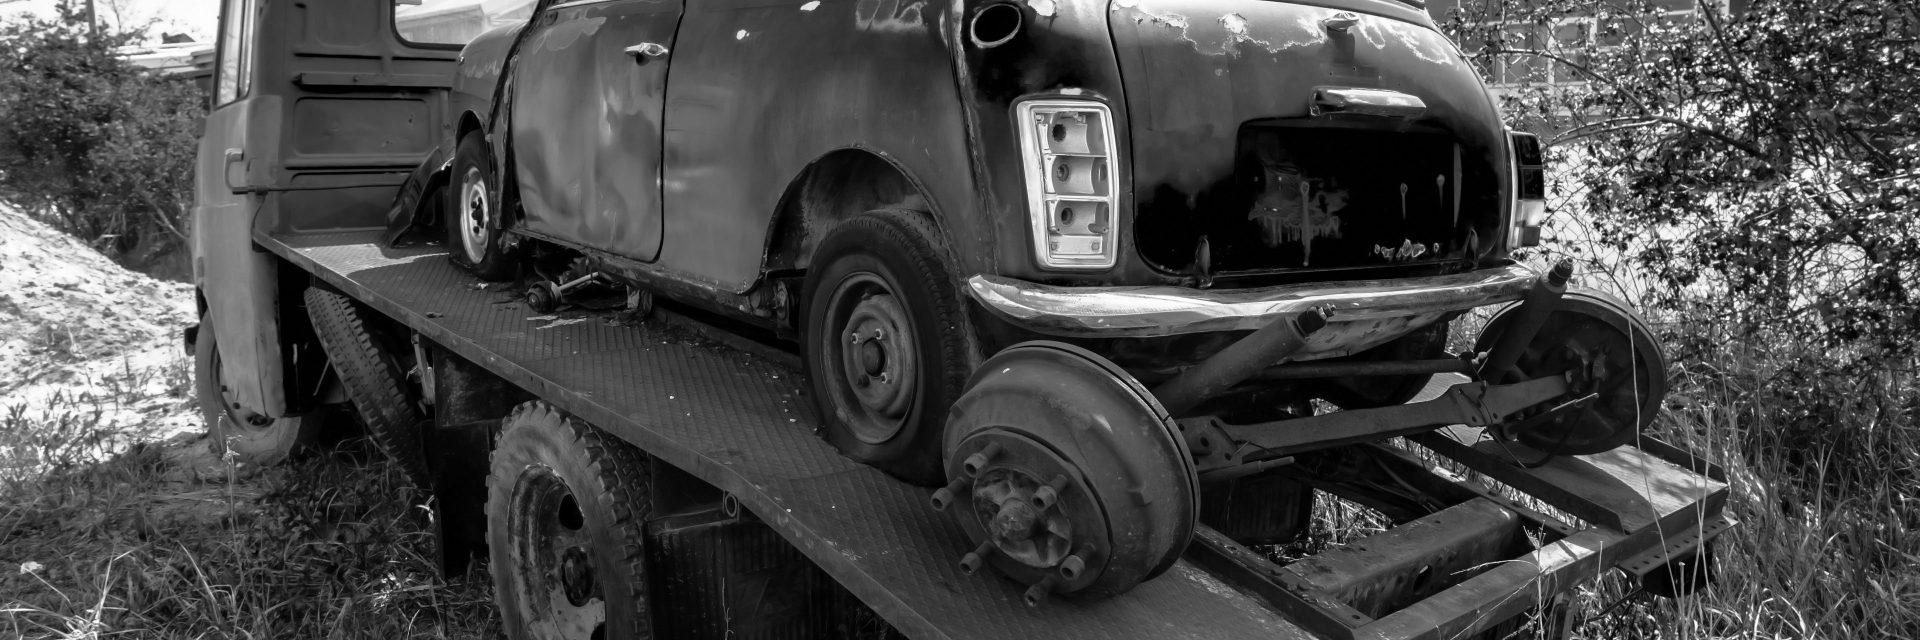 auto rohringer abschleppdienst